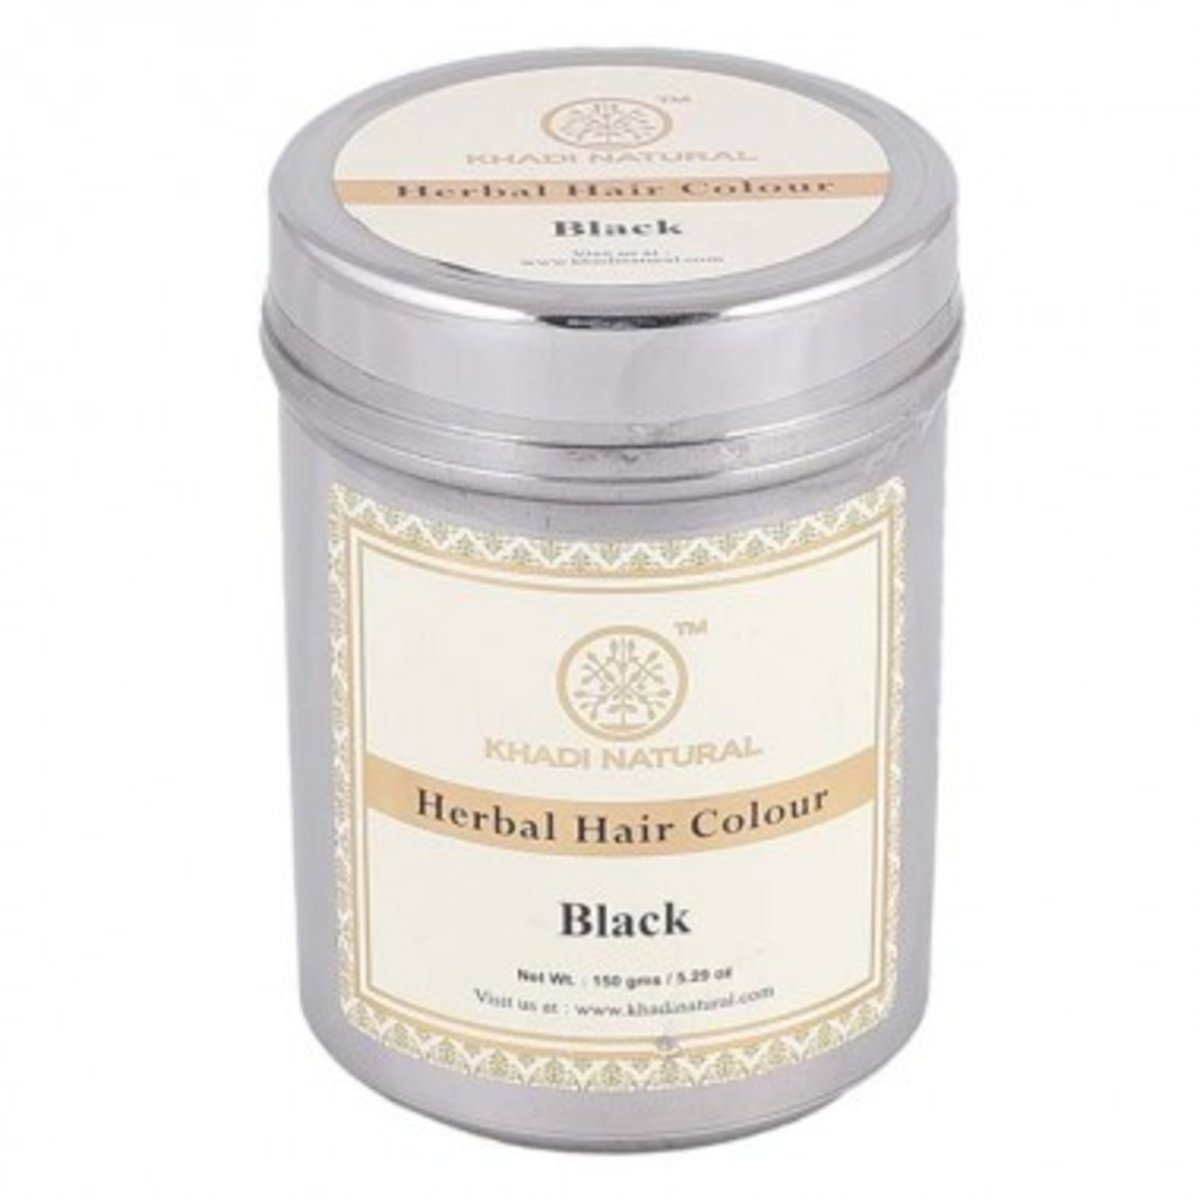 KHDAI NATURAL Herbal Hair Colour (Black) 天然草本染髮粉 (黑色) 150g Black